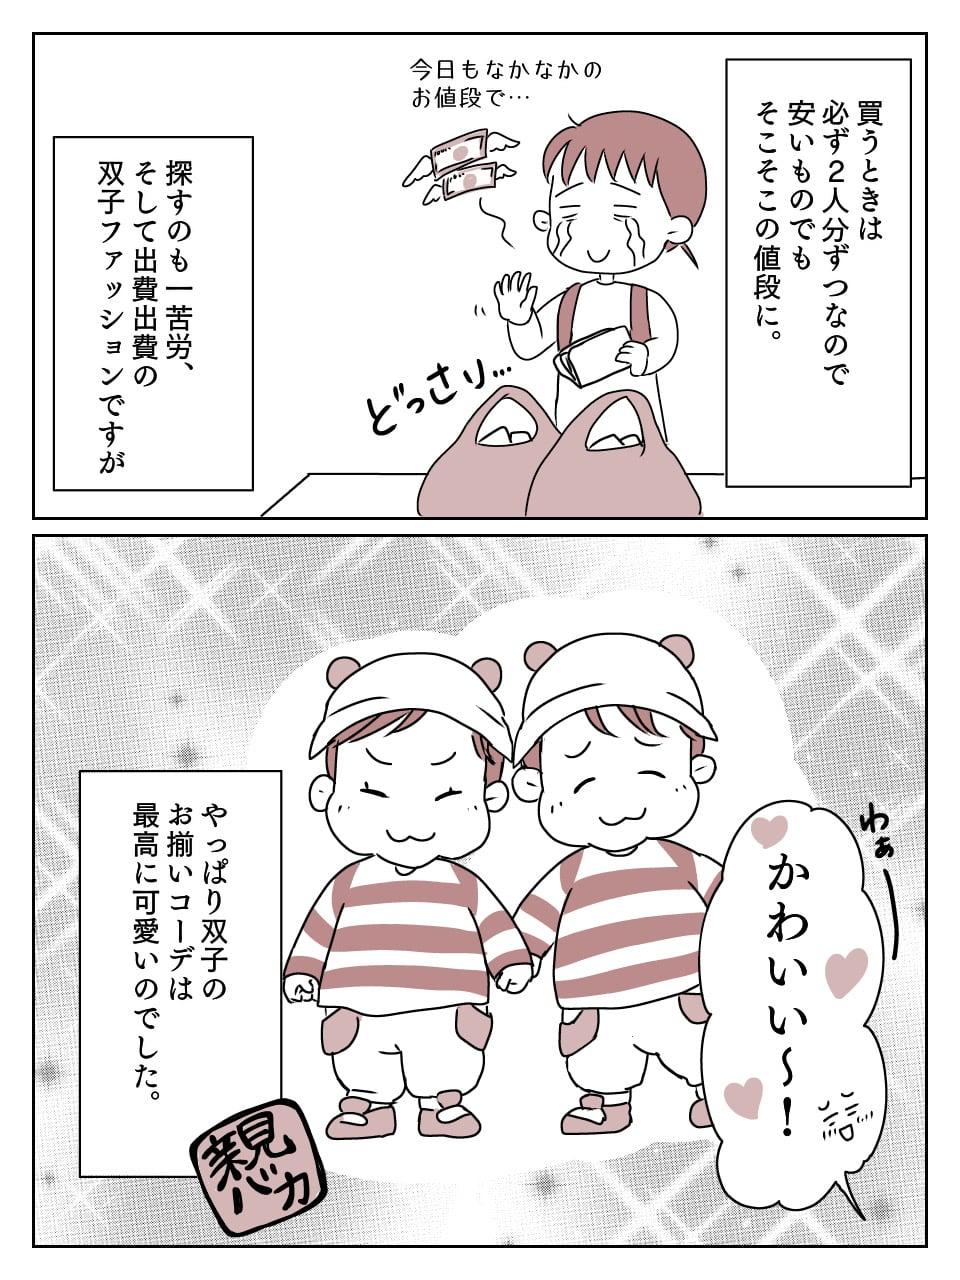 双子育児洋服 4